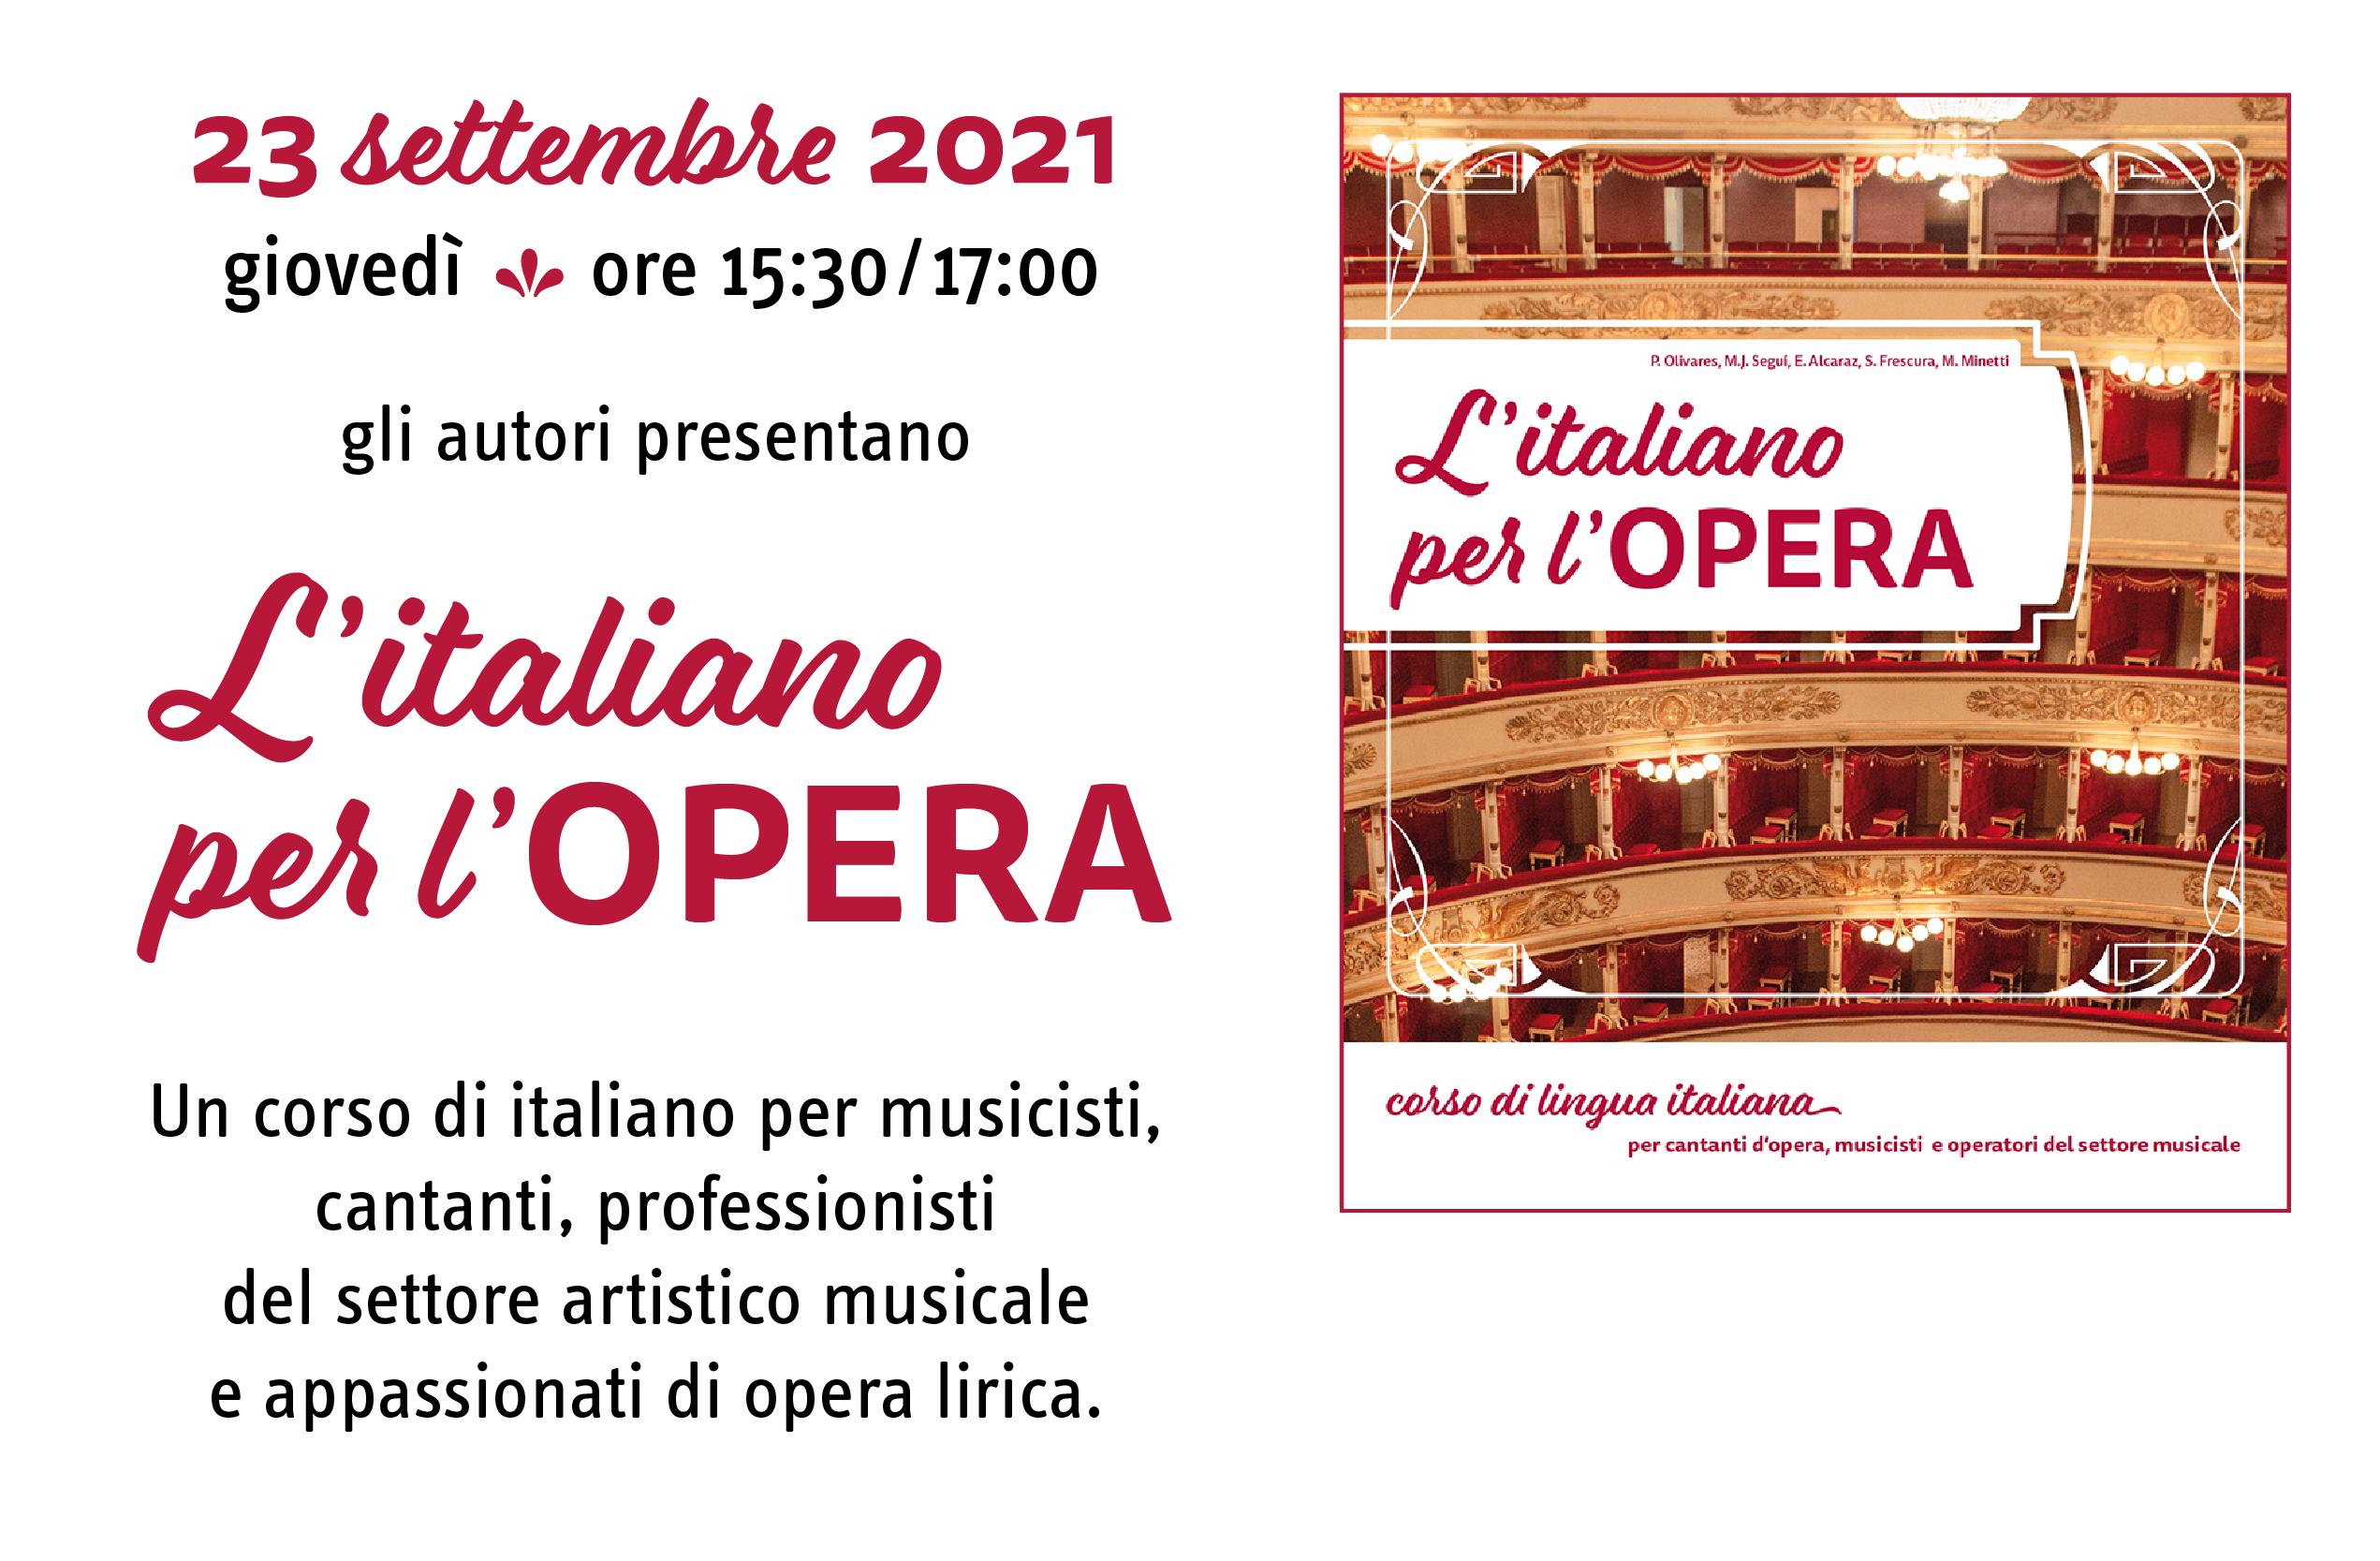 Evento online L'ITALIANO PER L'OPERA - 23 settembre 2021